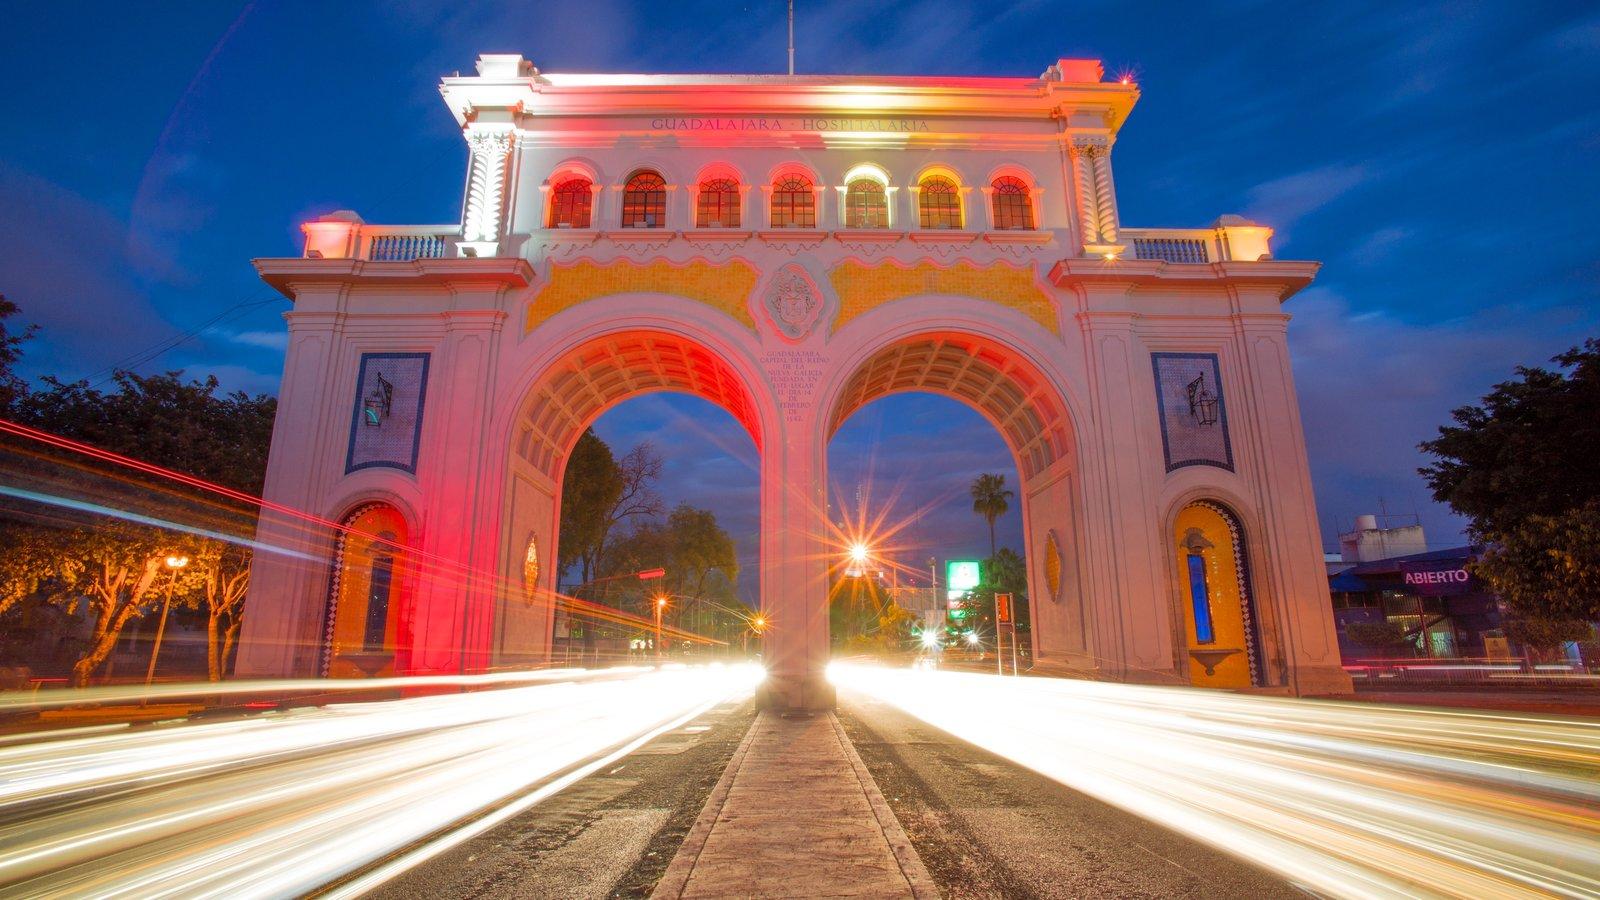 Los Arcos de Guadalajara mostrando cenas noturnas, um monumento e cenas de rua